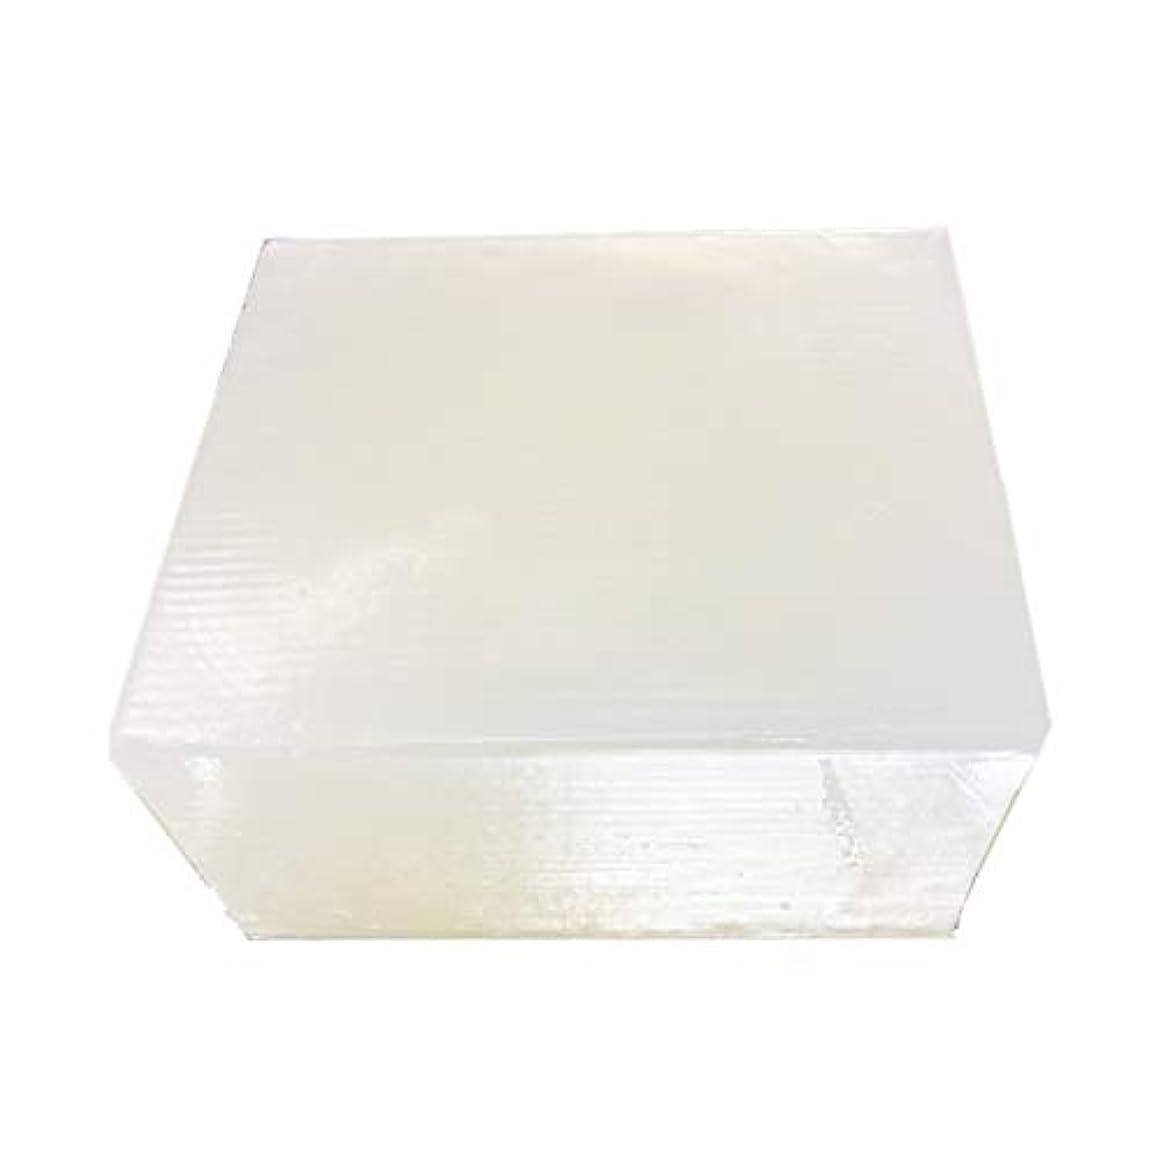 青浅い使役グリセリンソープ(MPソープ)11.4kg(11,400g?1塊り)クリア